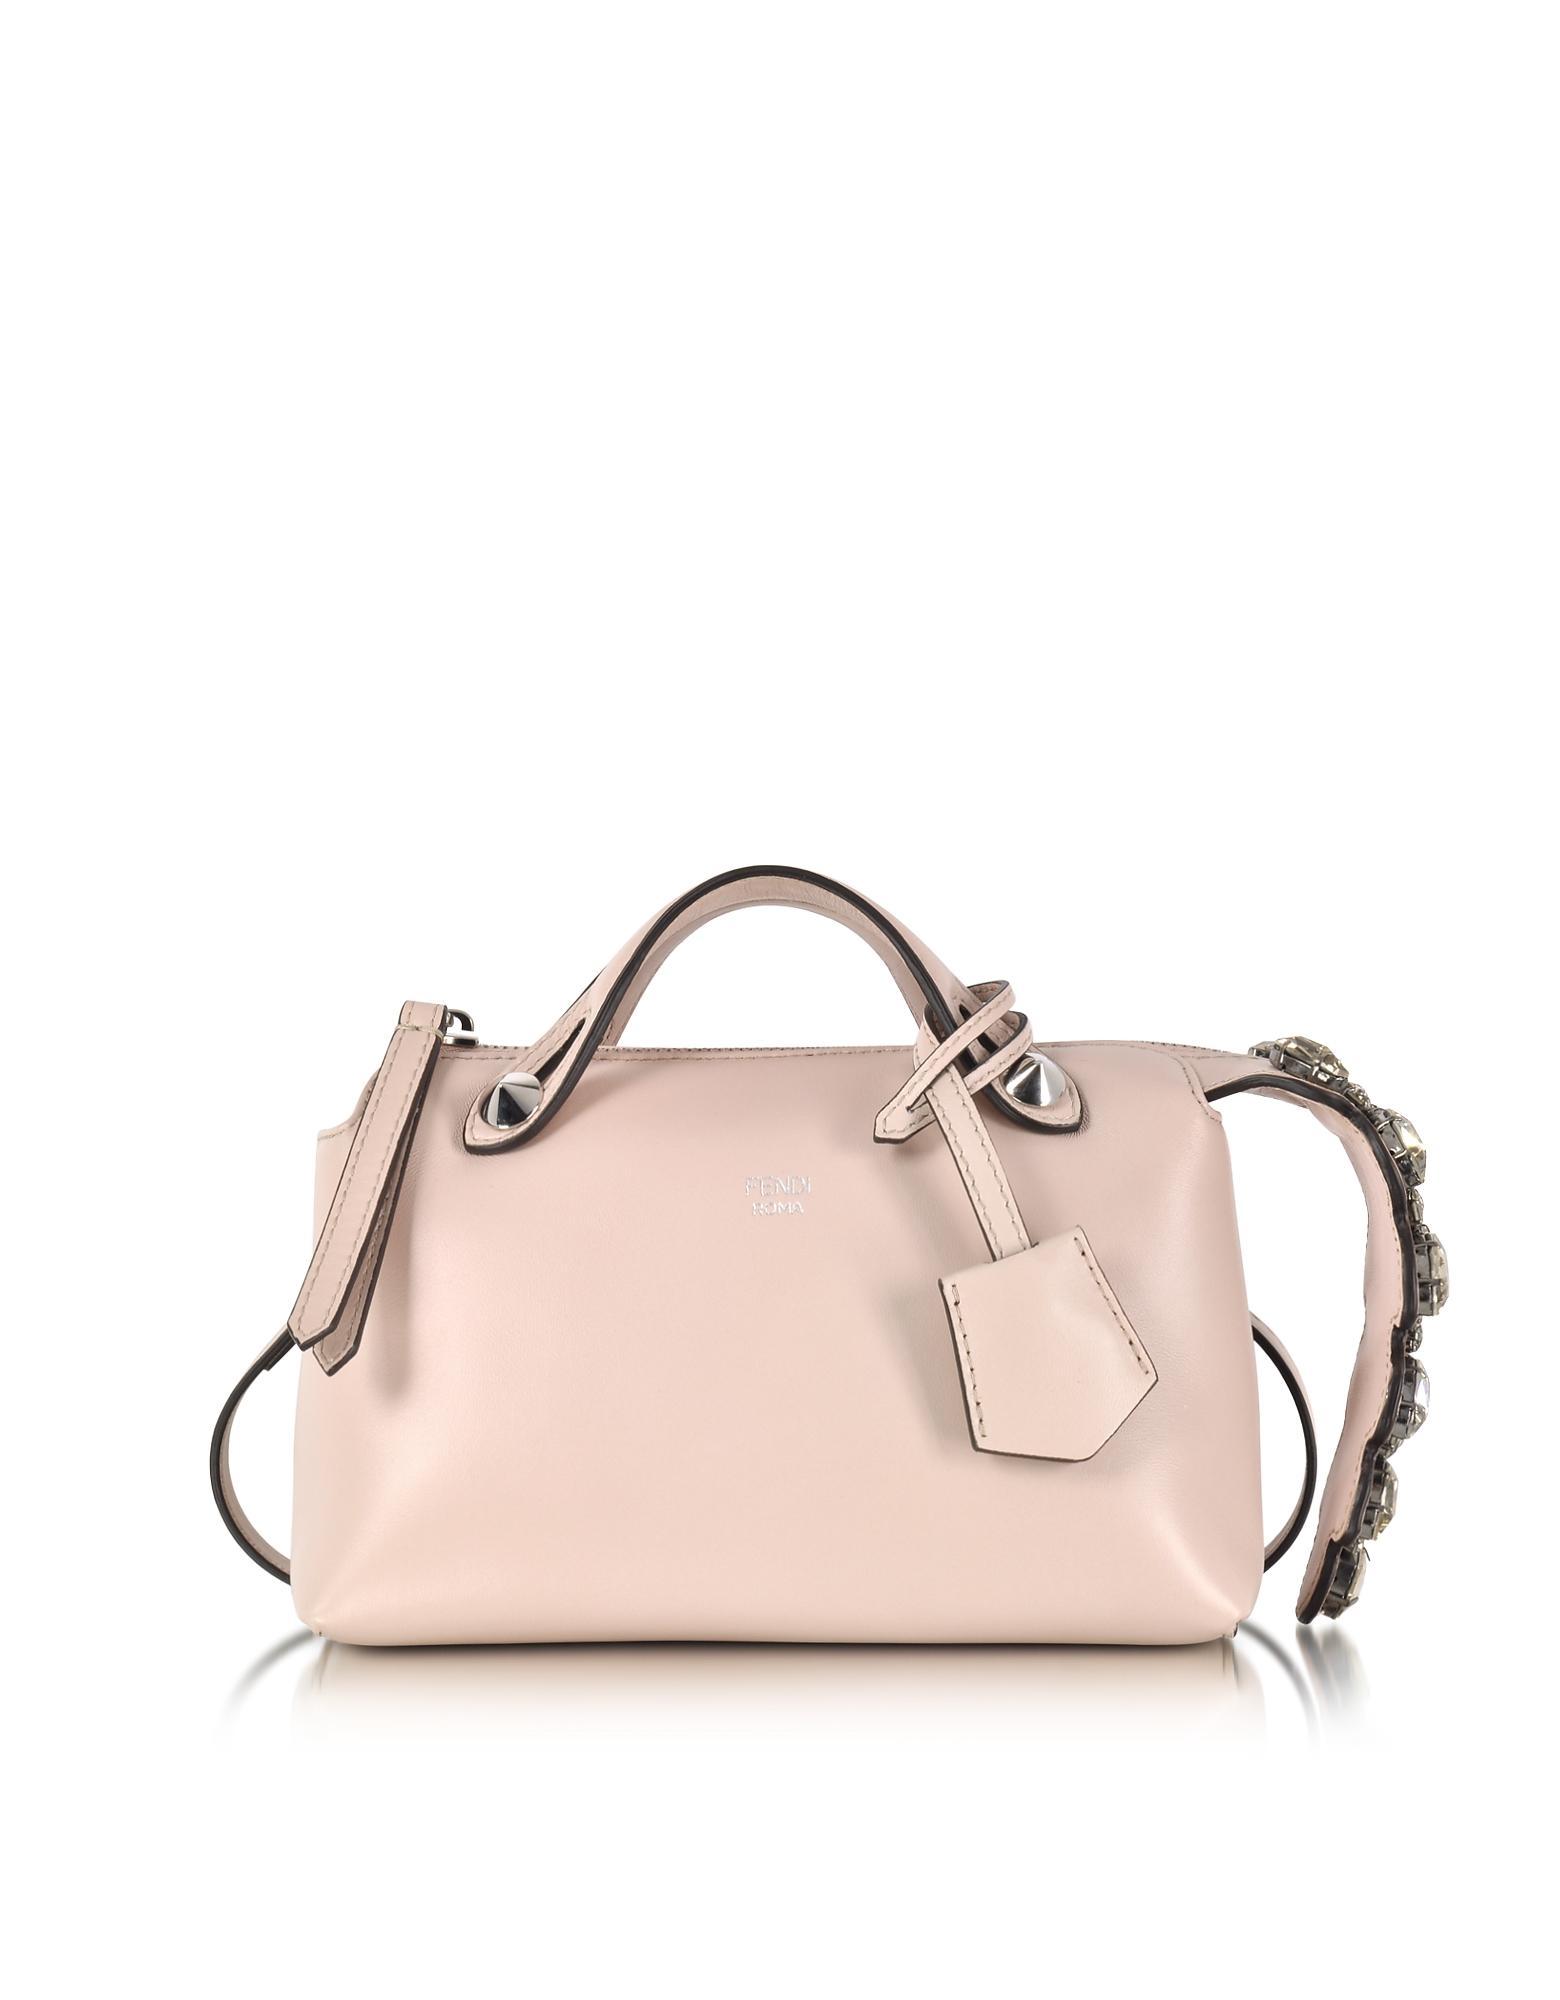 9caa97b754 Fendi Soft Pastel Pink Leather Mini By The Way Boston Bag W/smoky ...